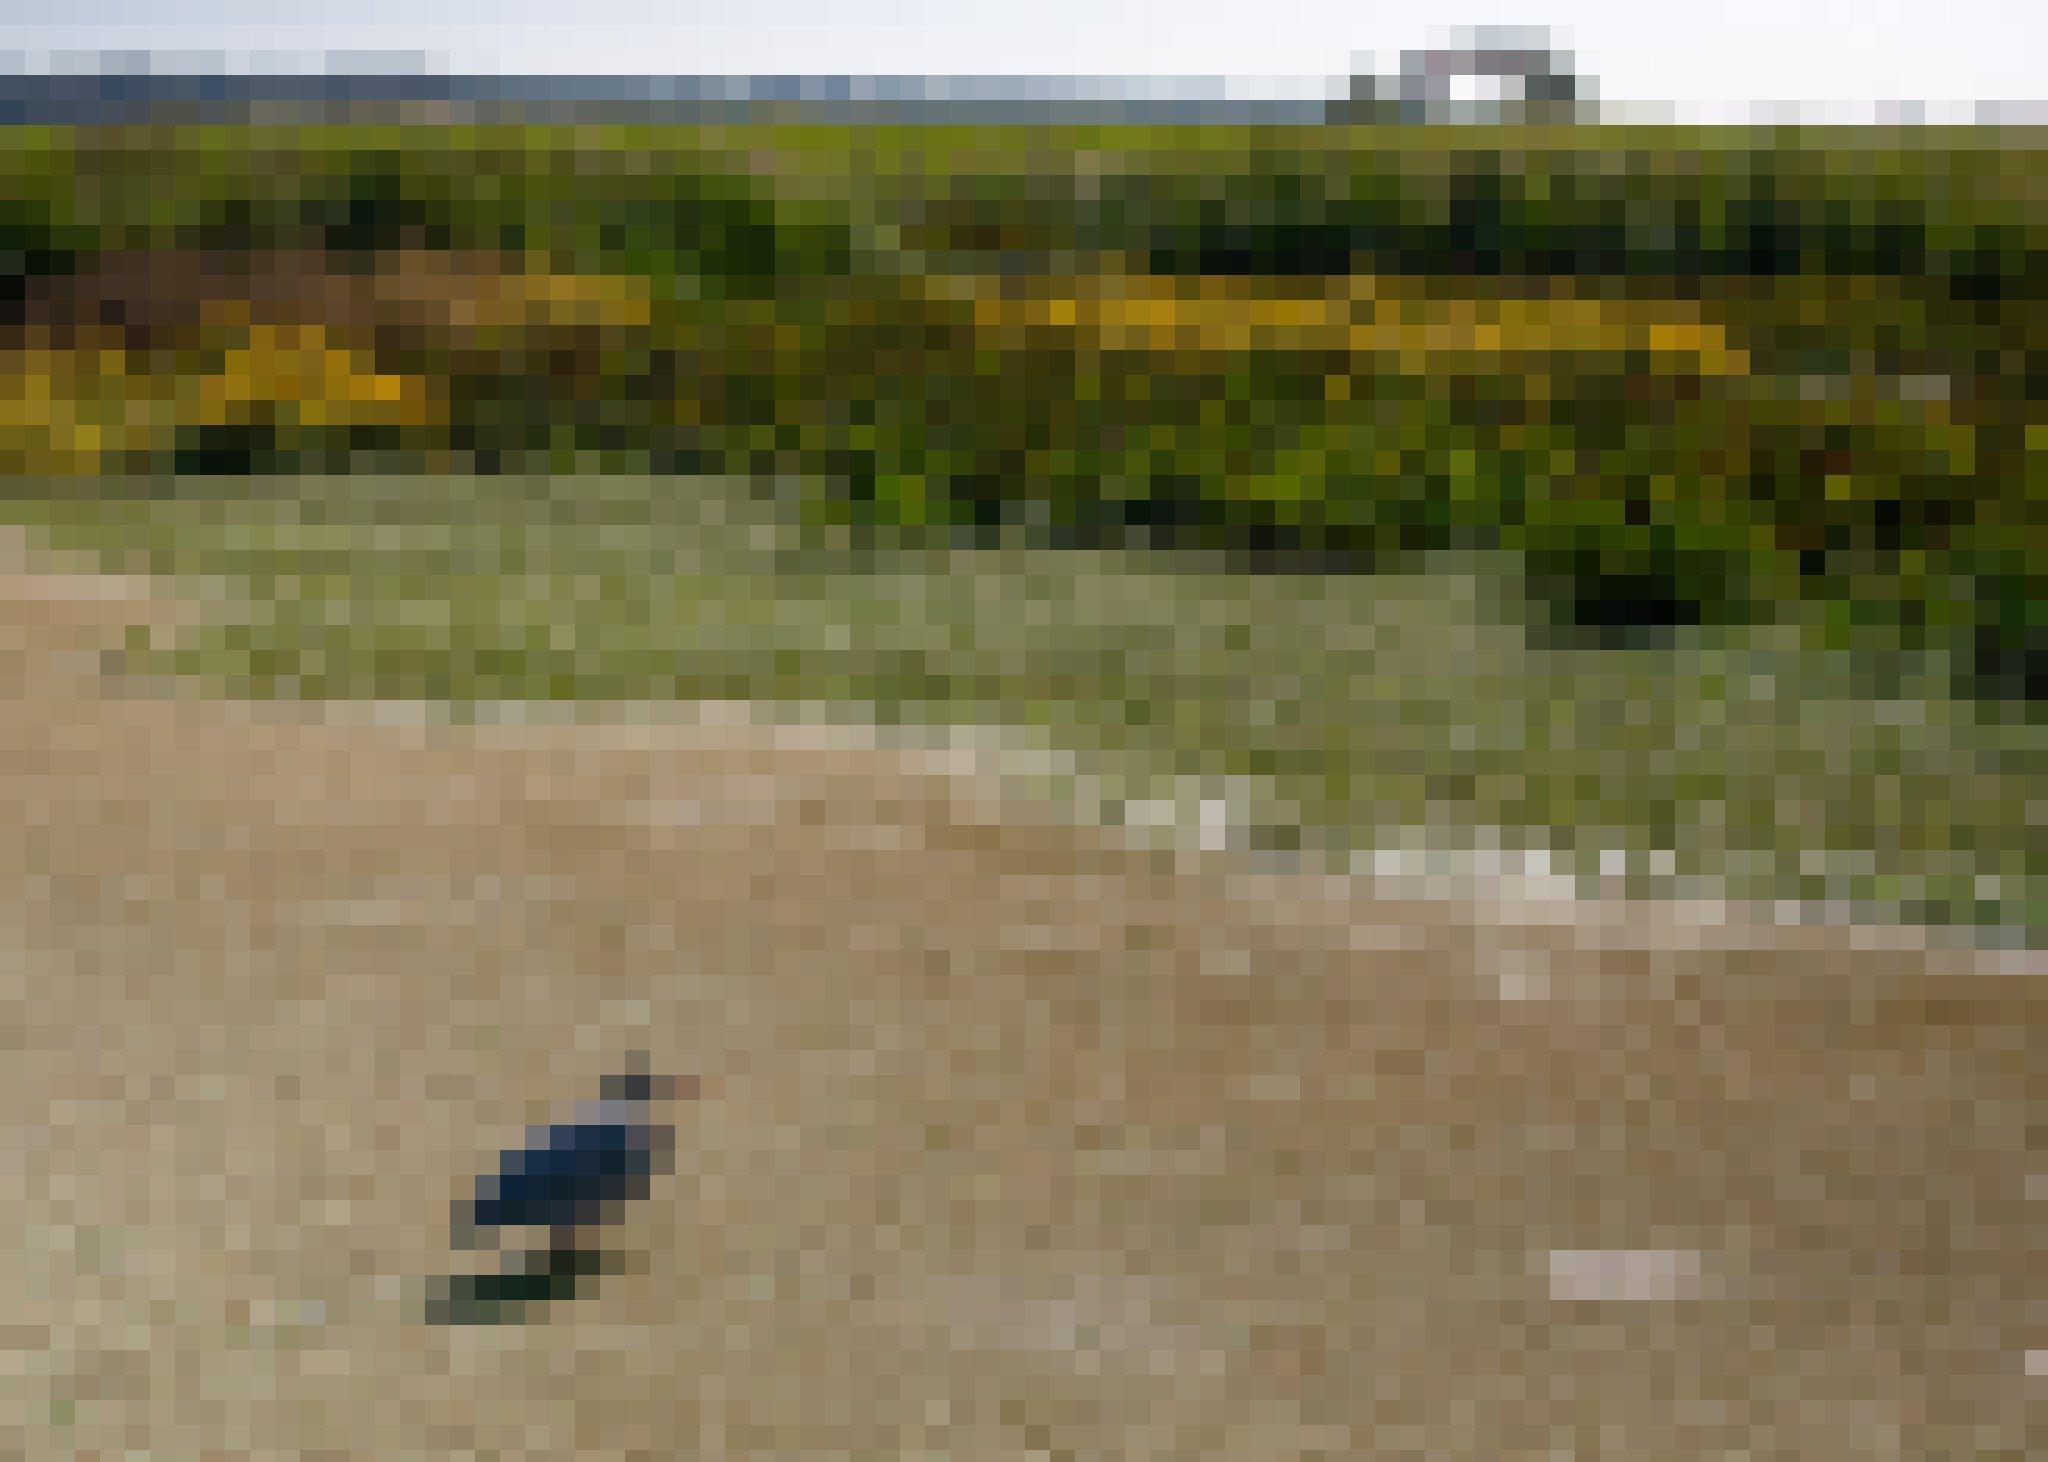 Ein Reiher steht mit eingezogenem Hals in einem Teich, am Rand Wasserpflanzen und gelbe Blüten. Auf dem Deich im Hintergrund spazieren zwei Menschen.